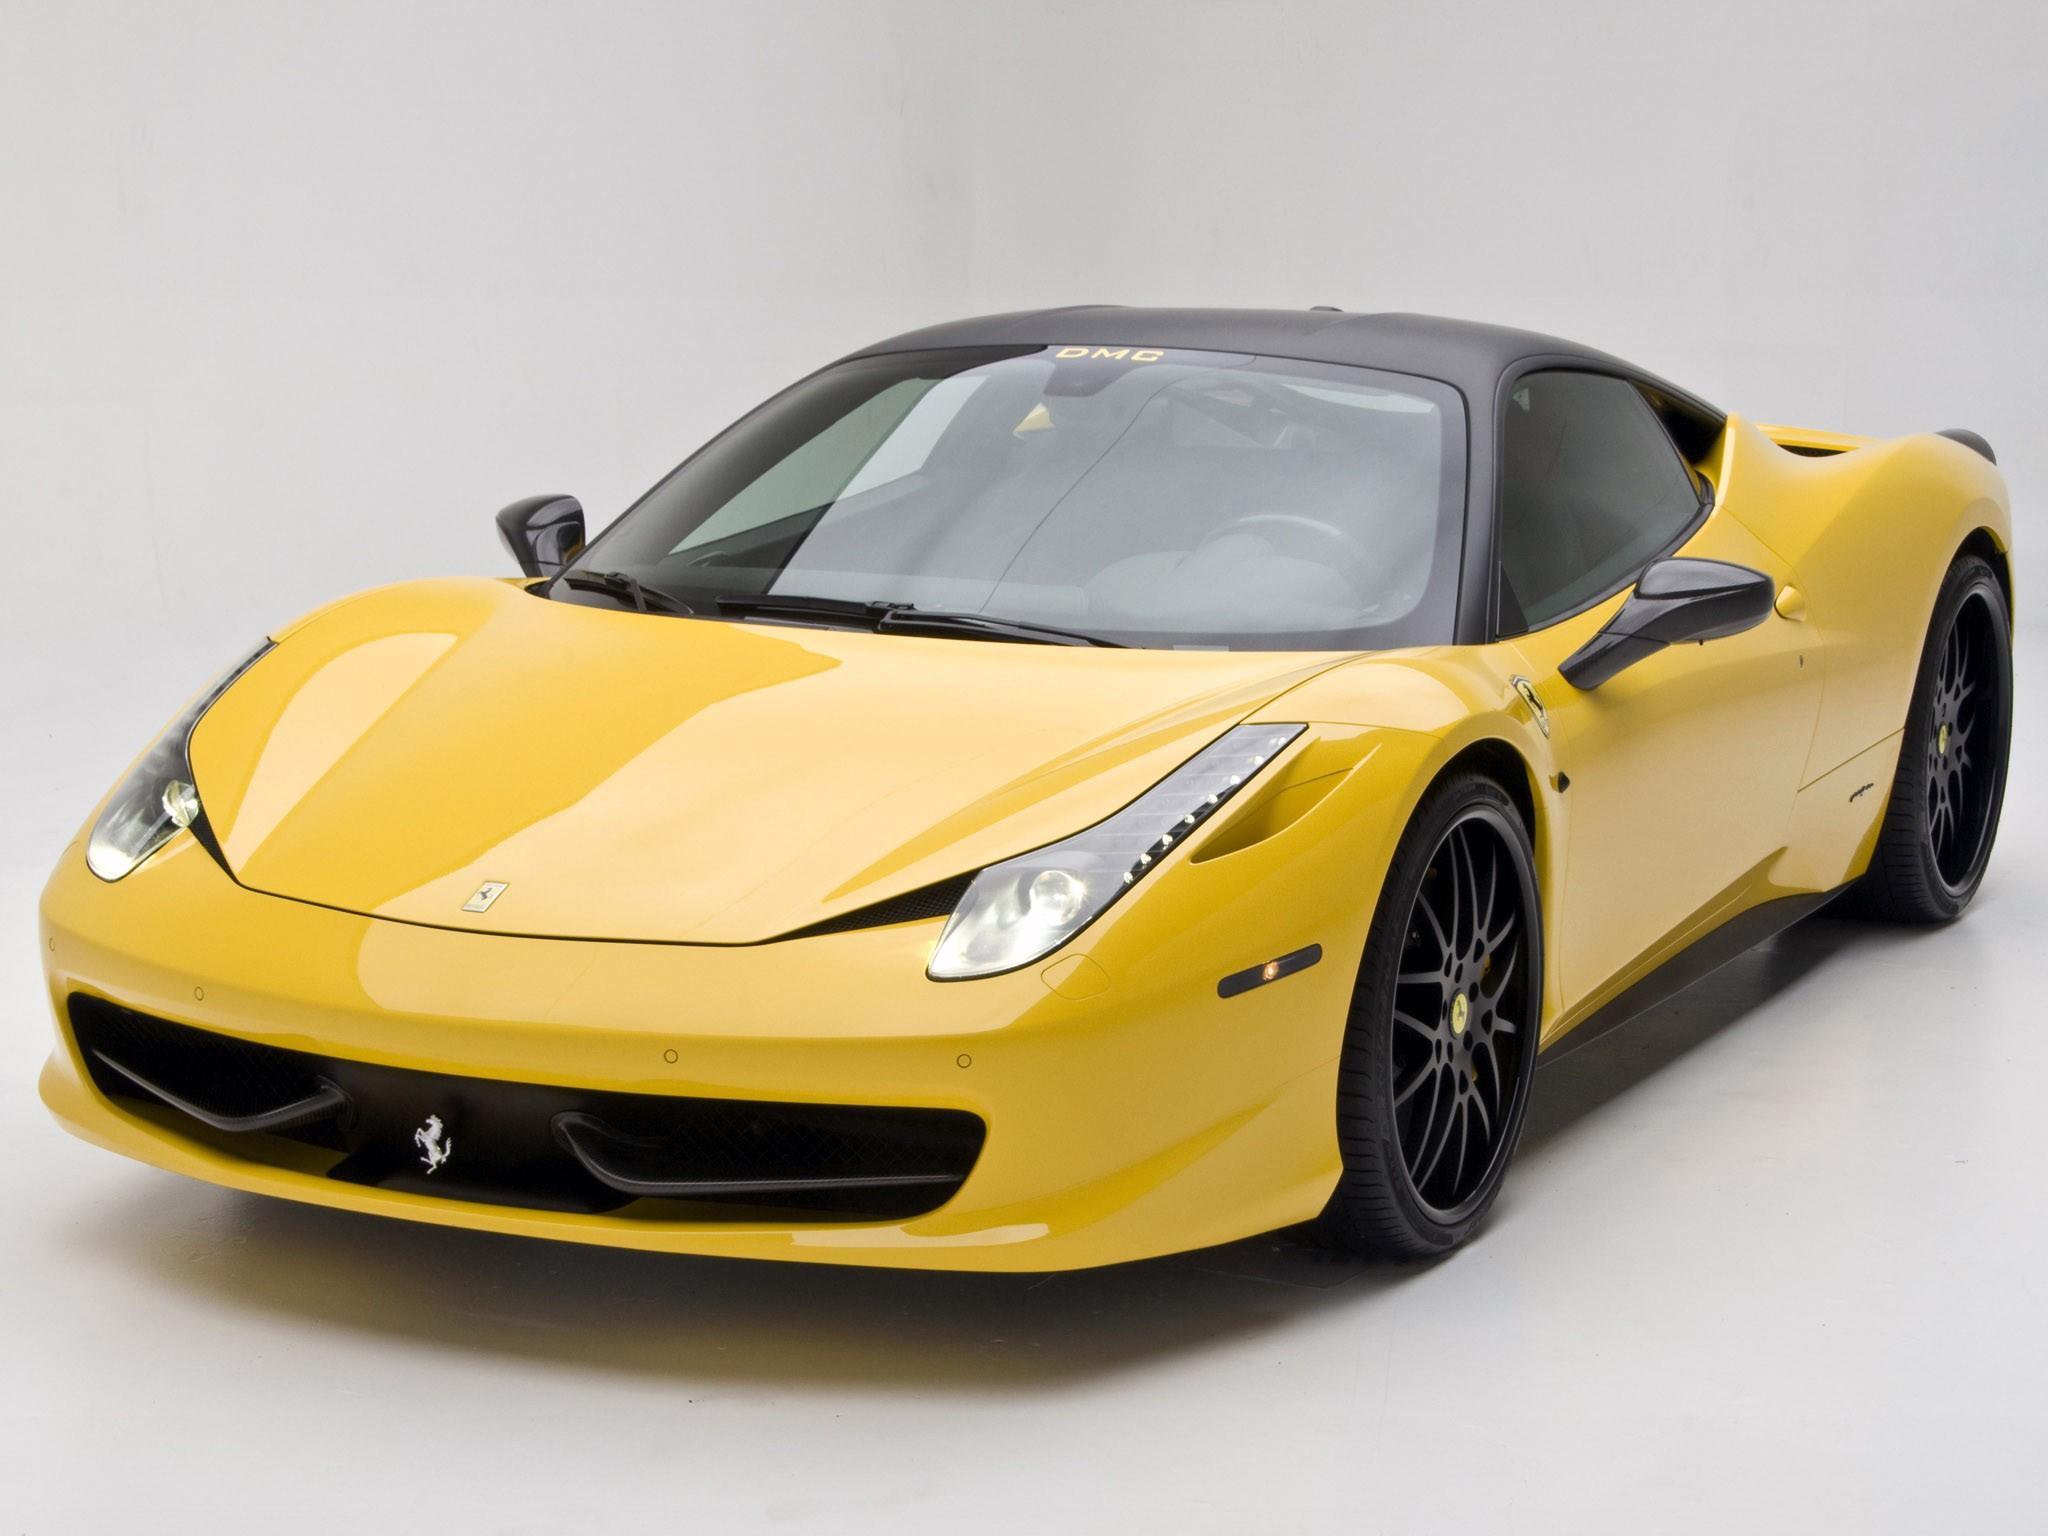 2011 Ferrari 458 Italia by DMC Design